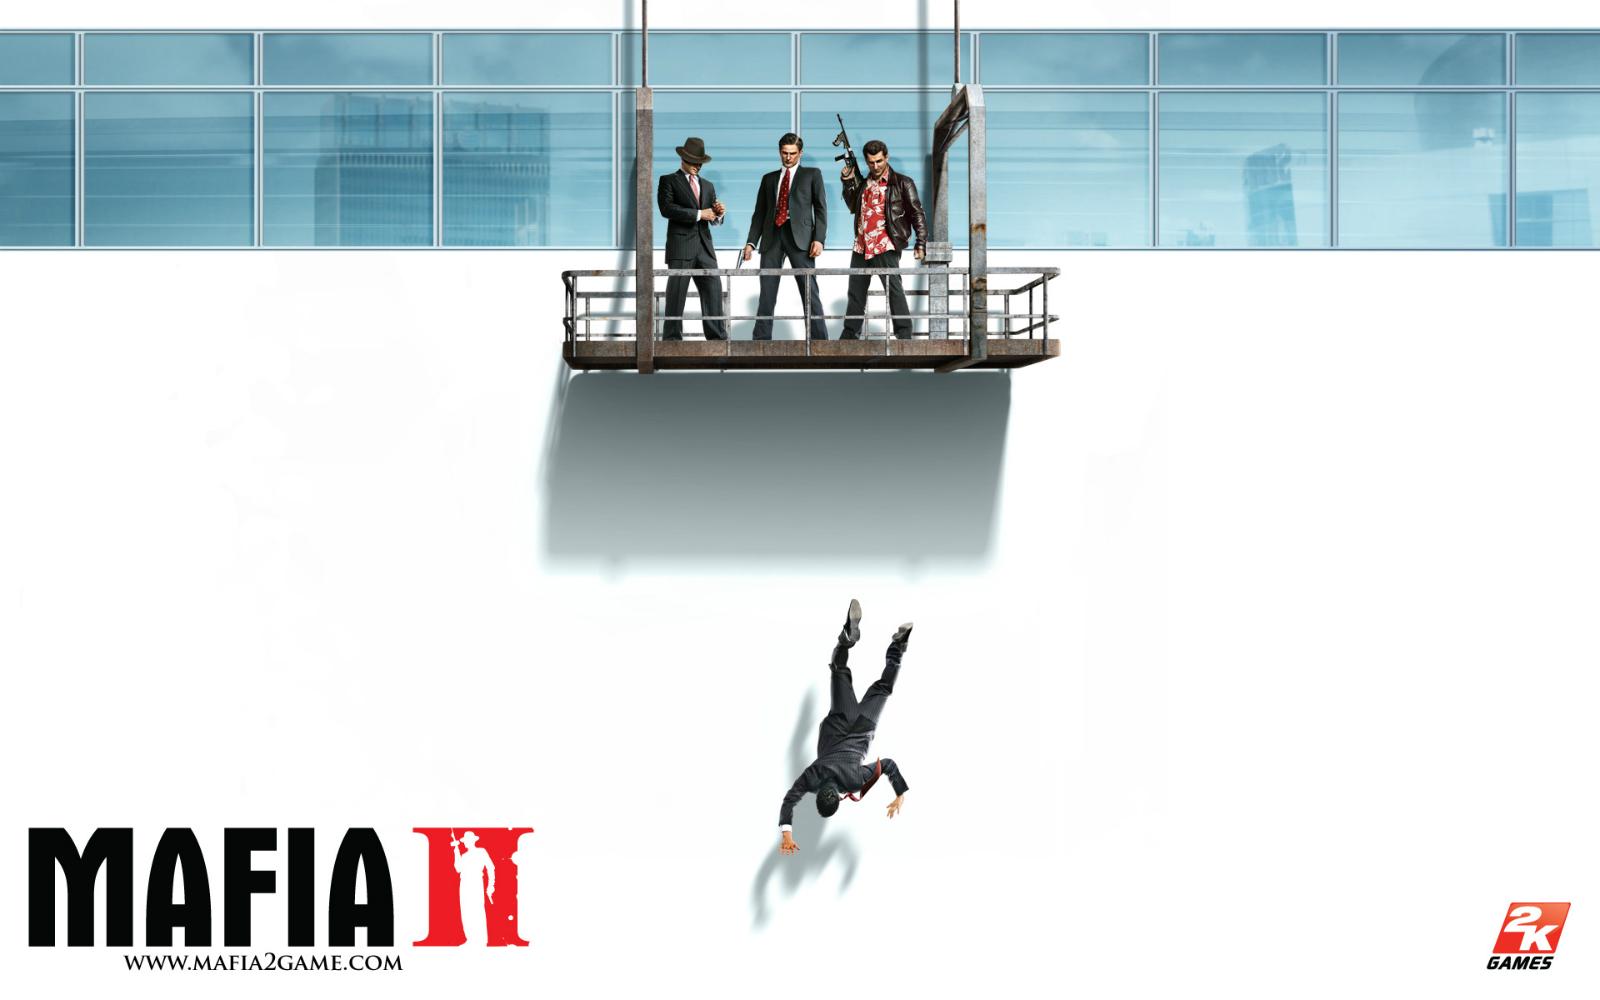 Mafia ii hd oyun resimleri duvar kağıtları